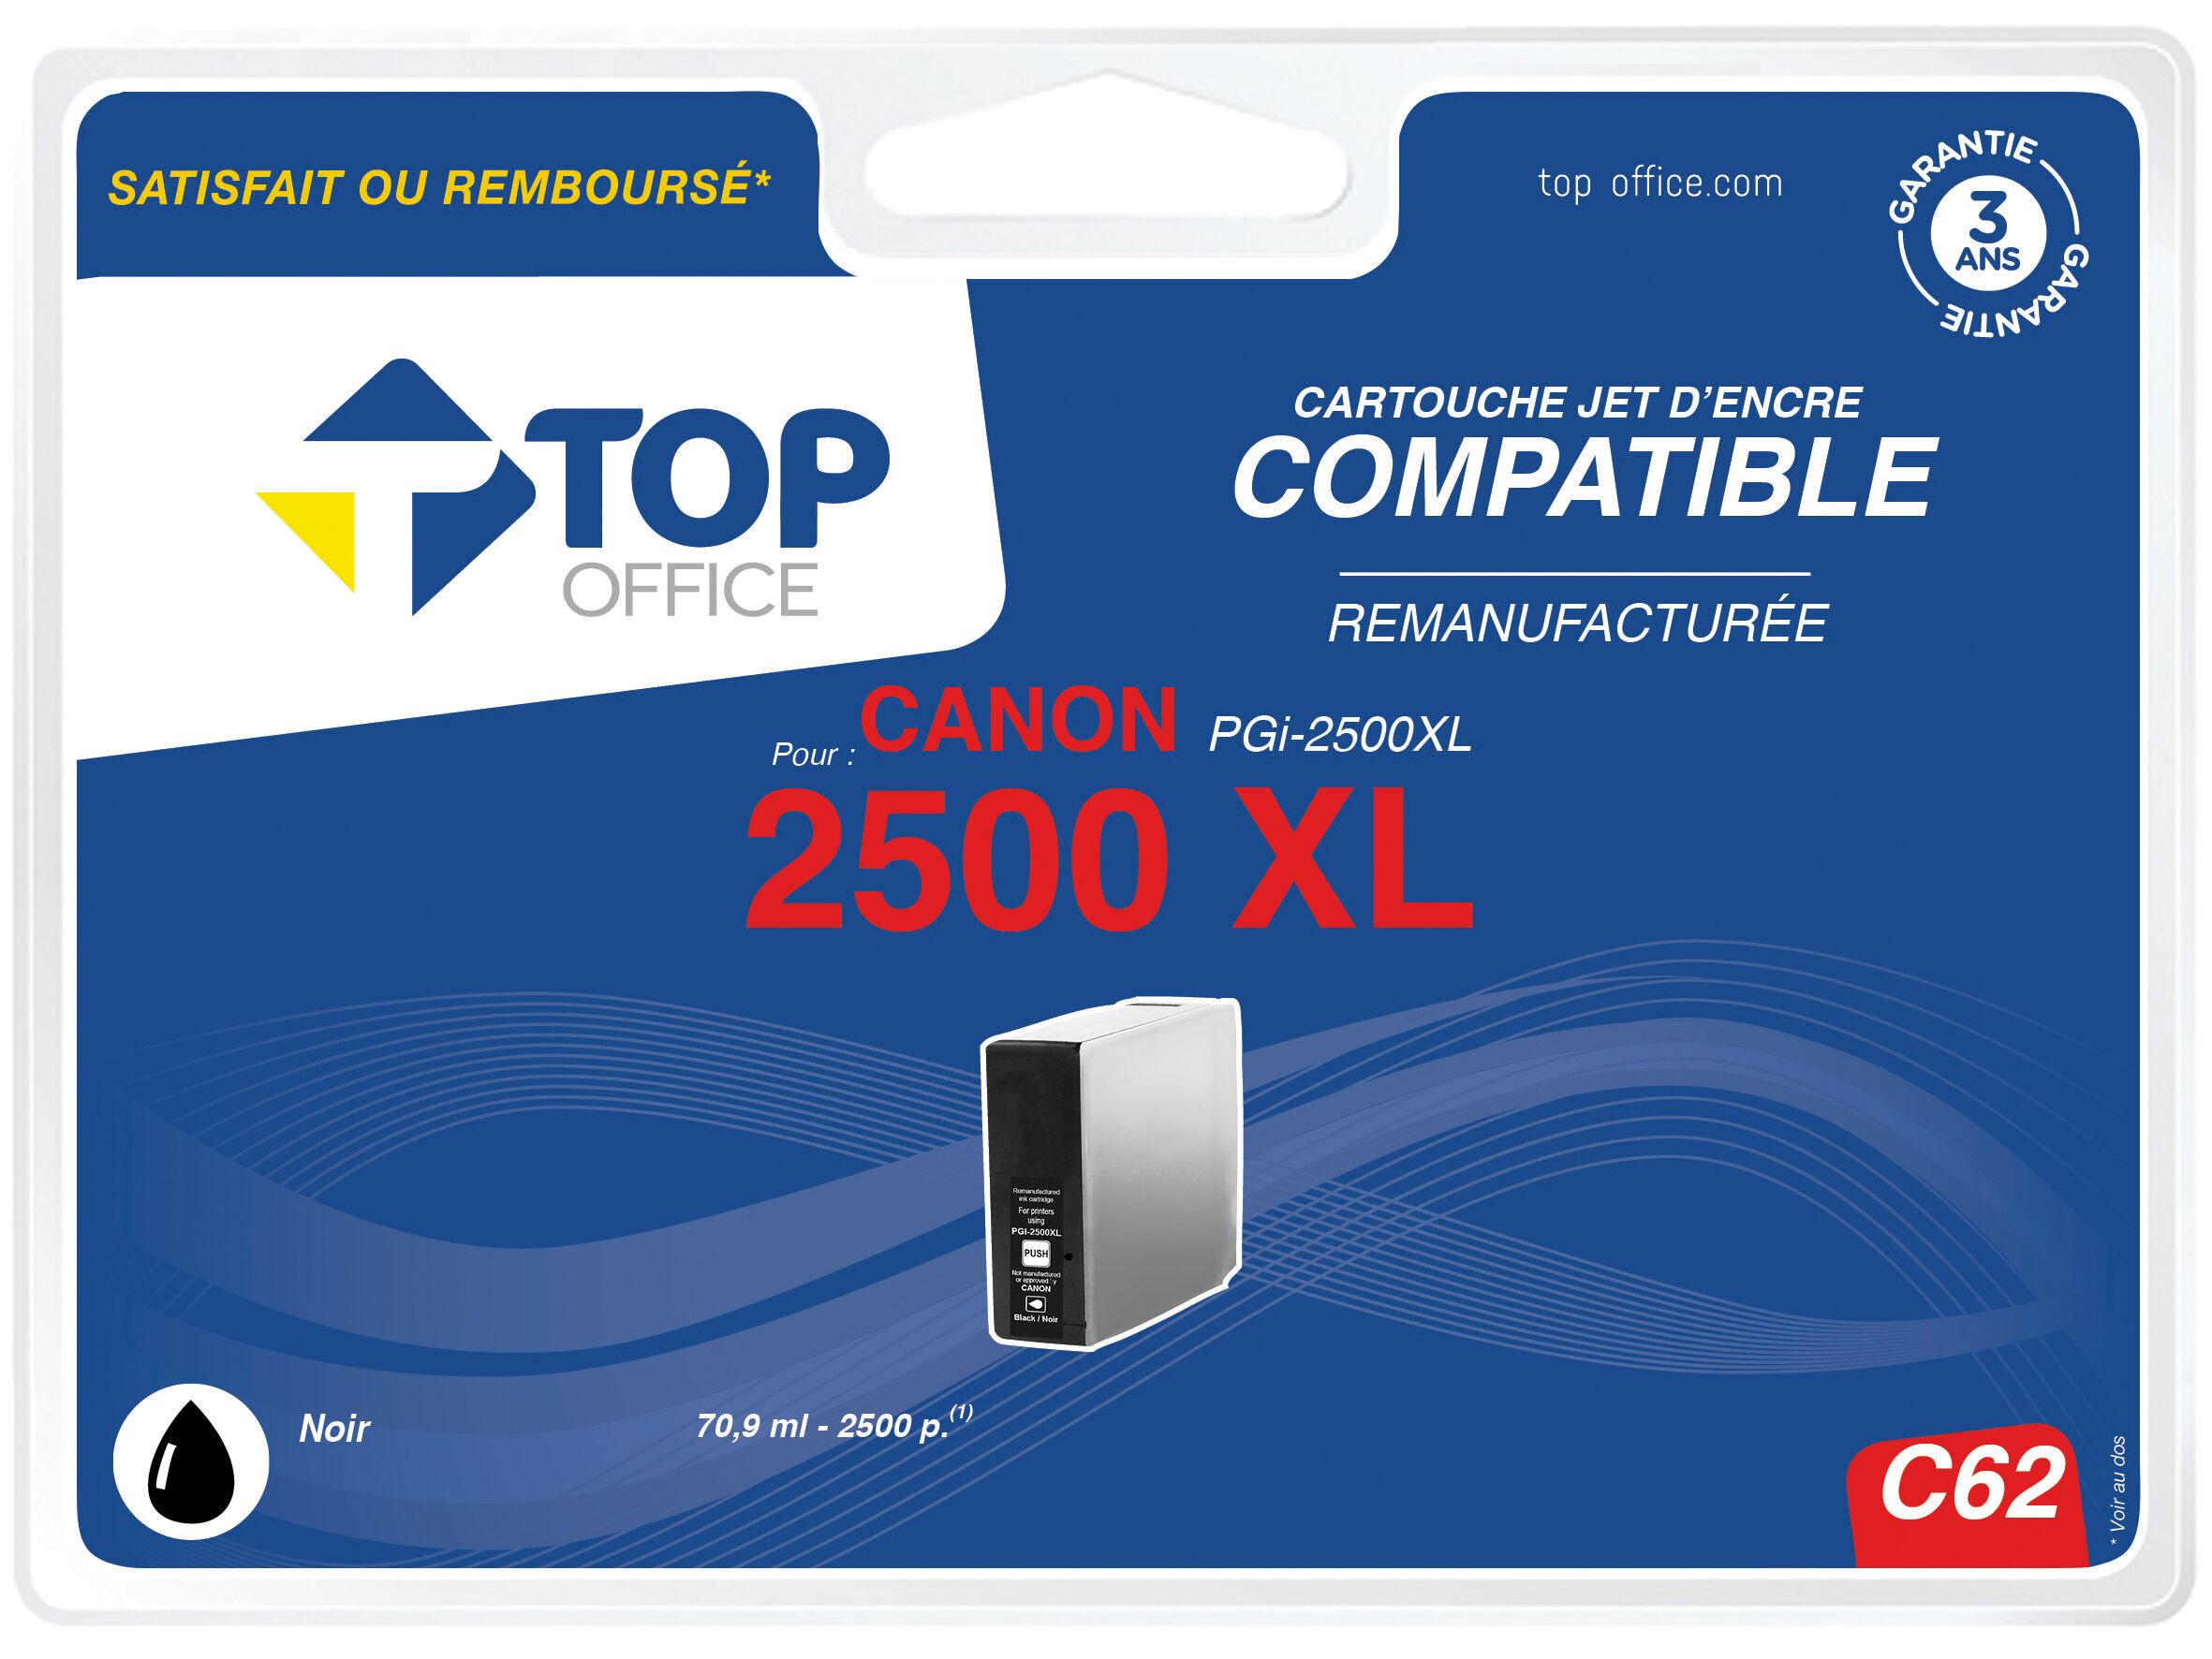 TOP OFFICE Cartouche jet d'encre compatible CANON : PGI 2500 XL - TOP OFFICE - No